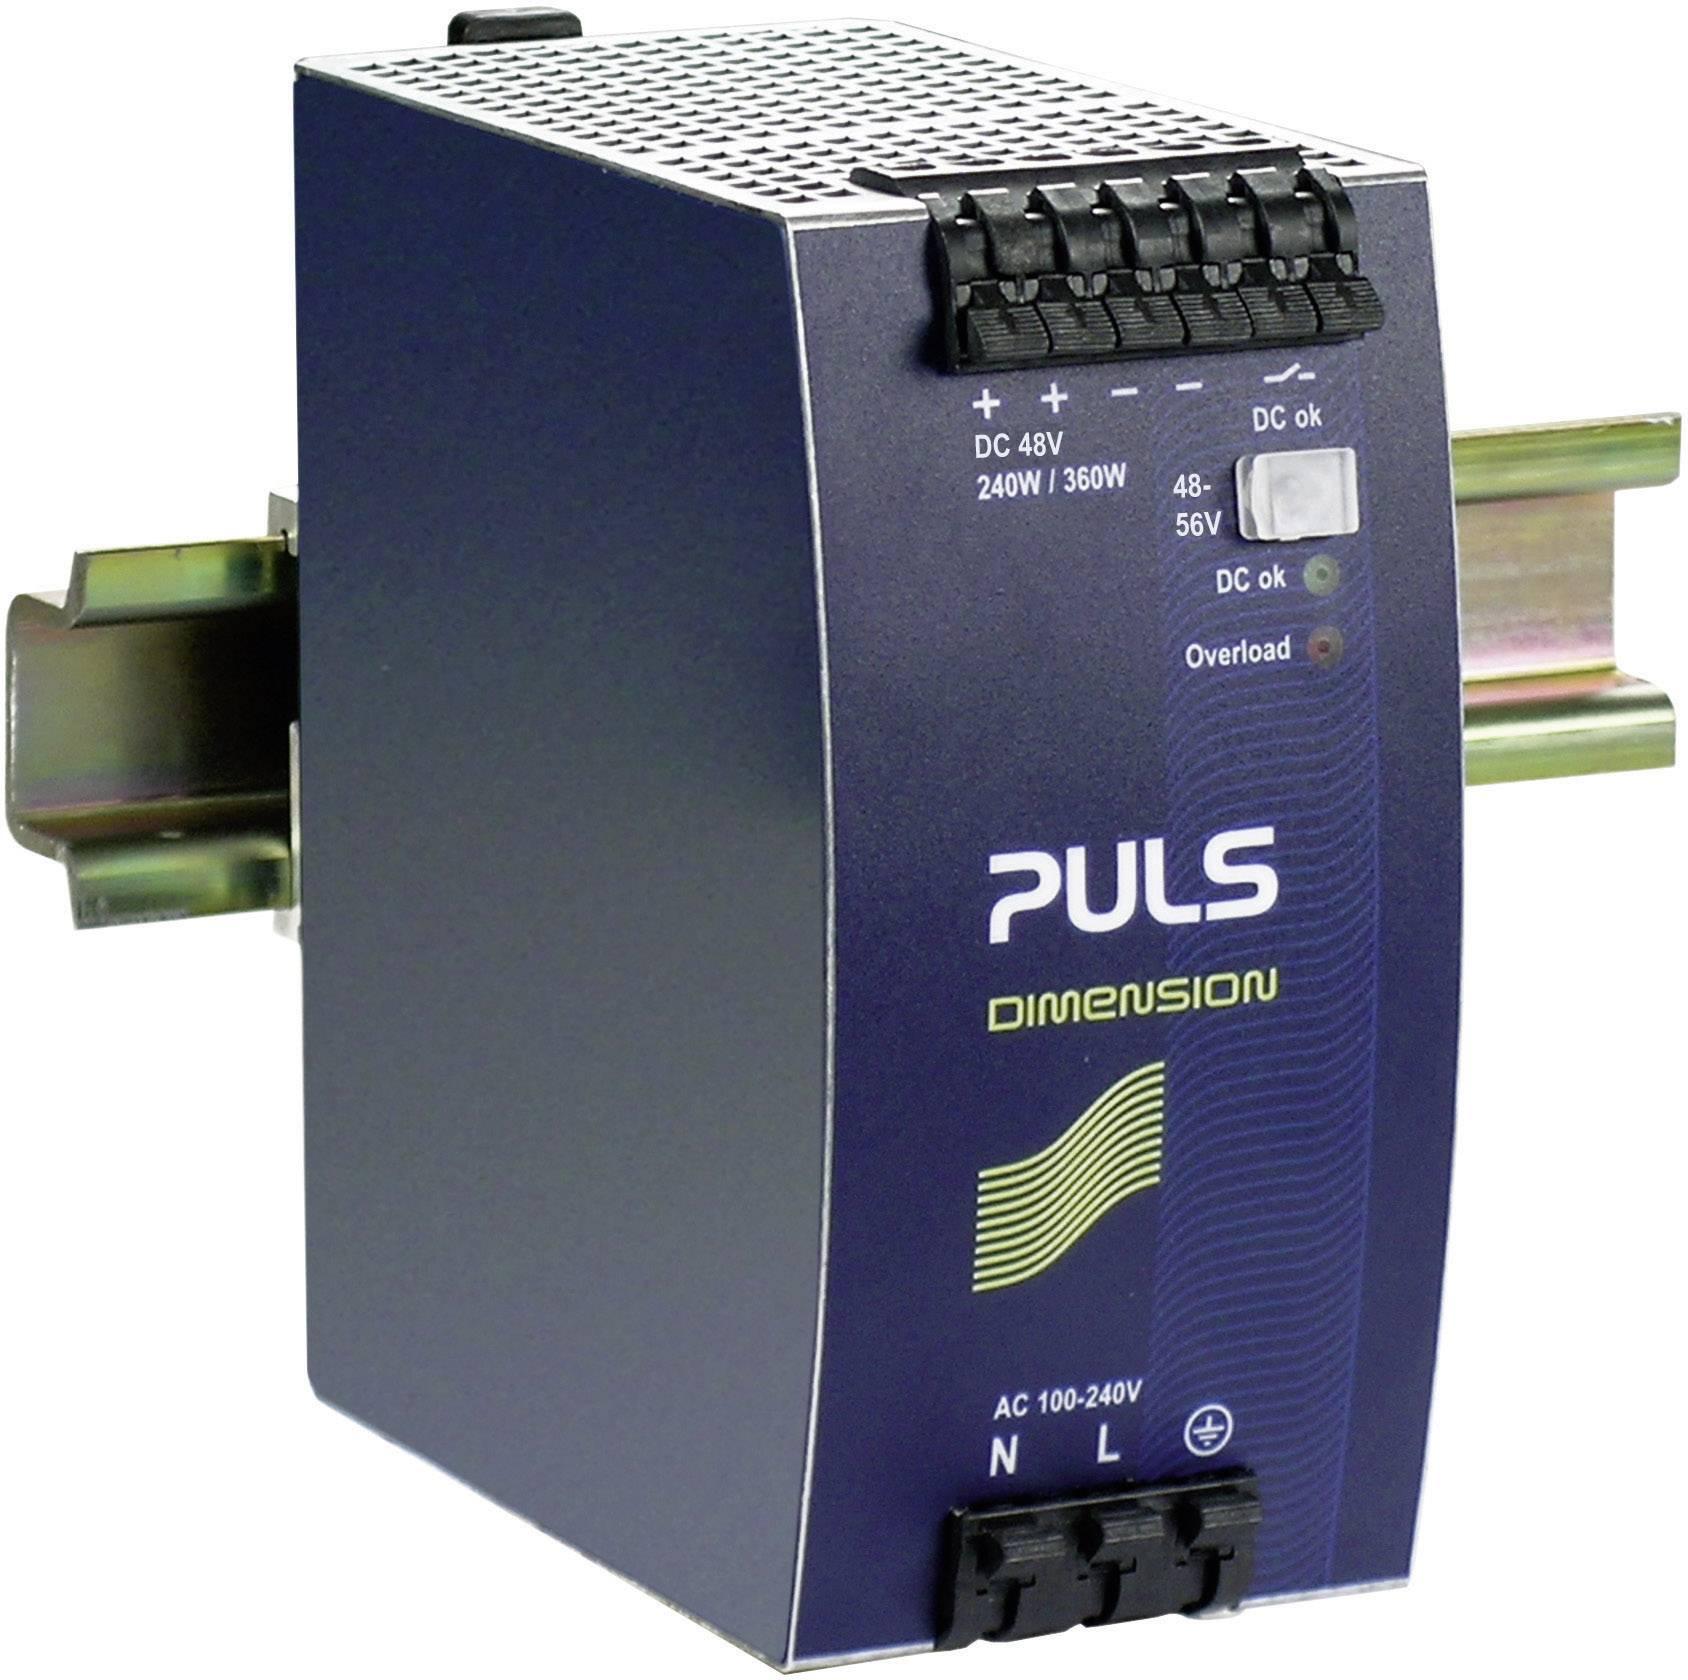 Sieťový zdroj na montážnu lištu (DIN lištu) PULS DIMENSION QS10.481, 1 x, 48 V/DC, 5 A, 240 W